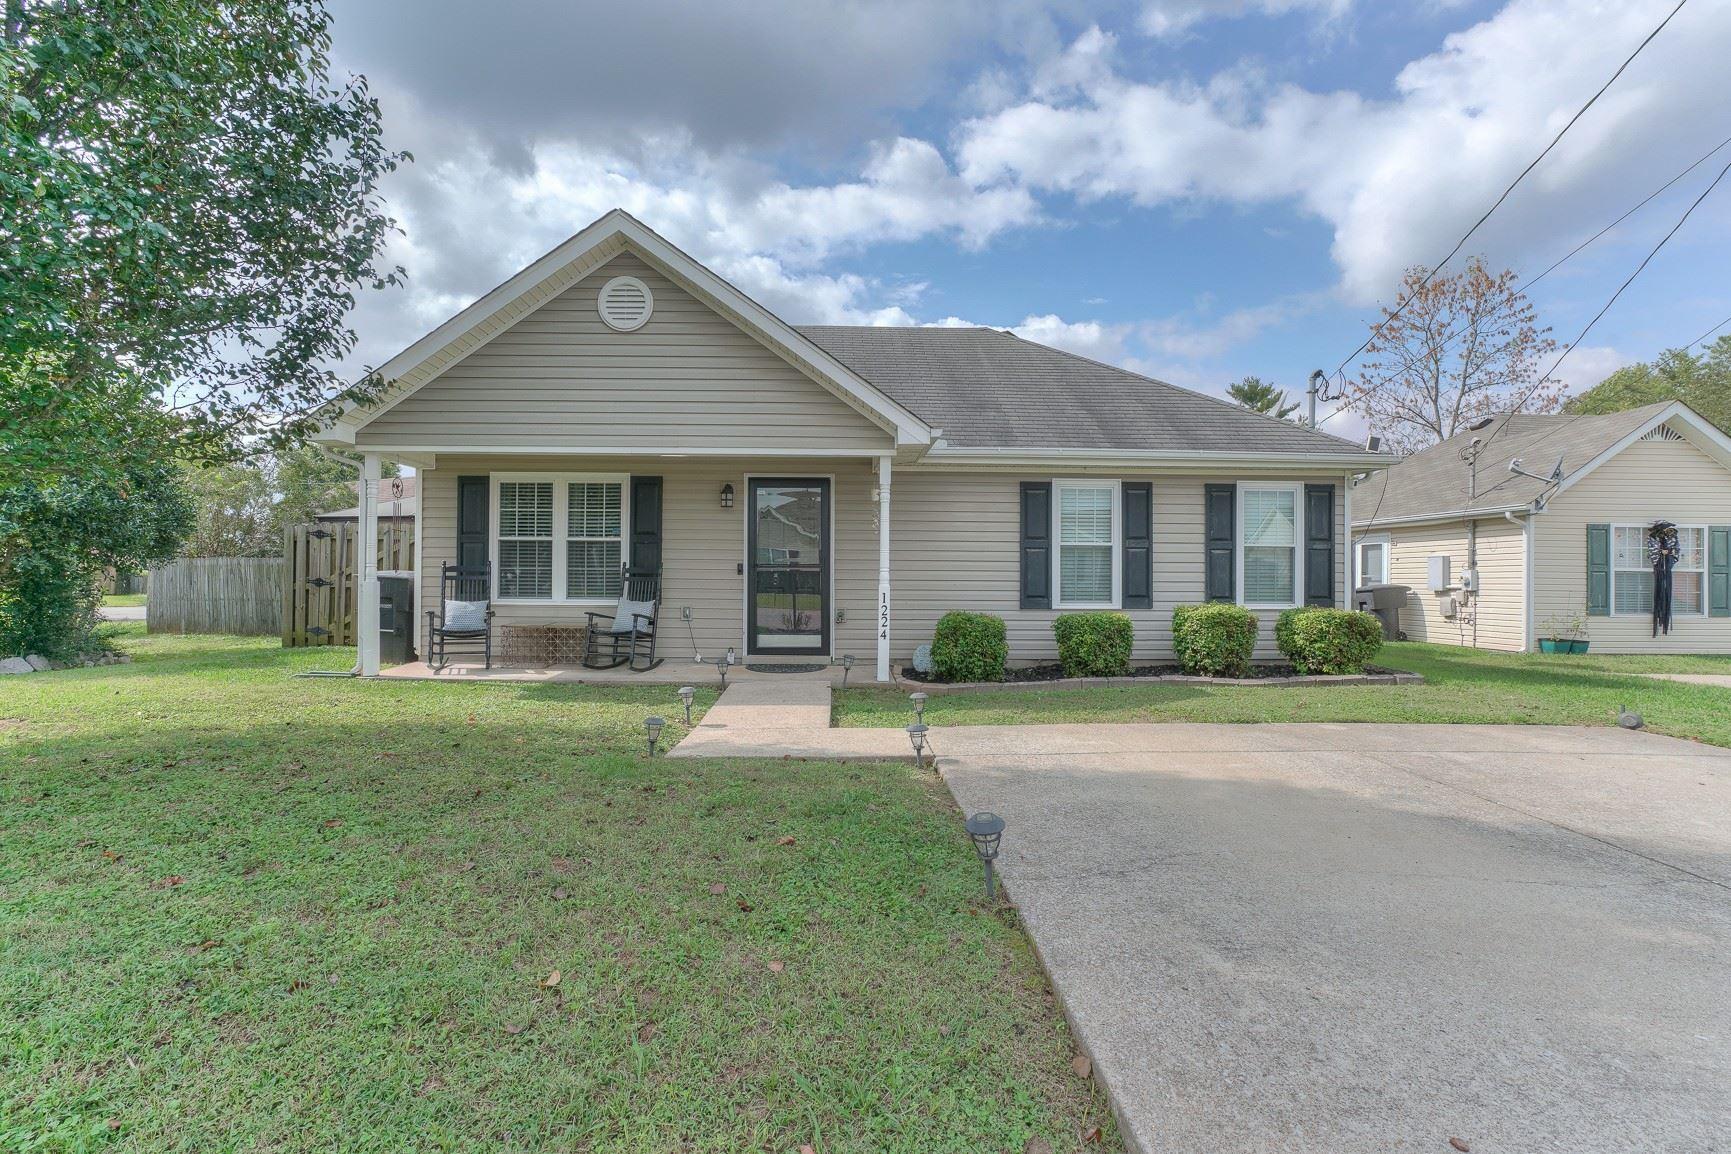 Photo of 1224 Karleigh Ct, Murfreesboro, TN 37130 (MLS # 2300281)